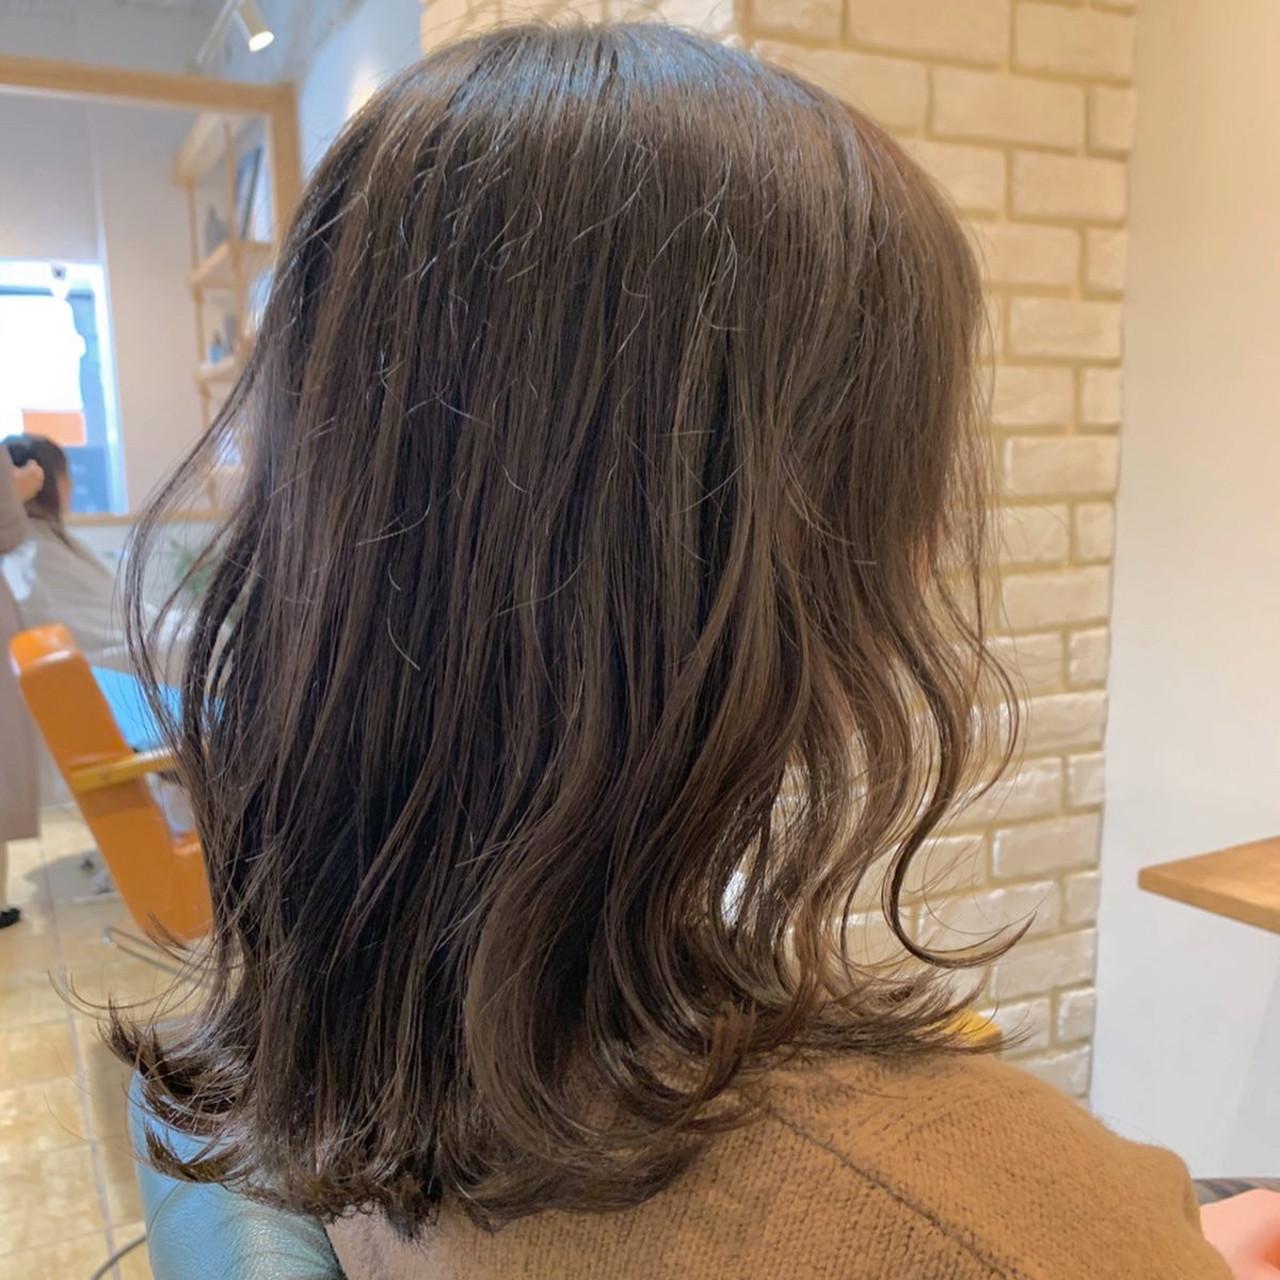 波巻き ロブ ミディアム ニュアンスヘア ヘアスタイルや髪型の写真・画像